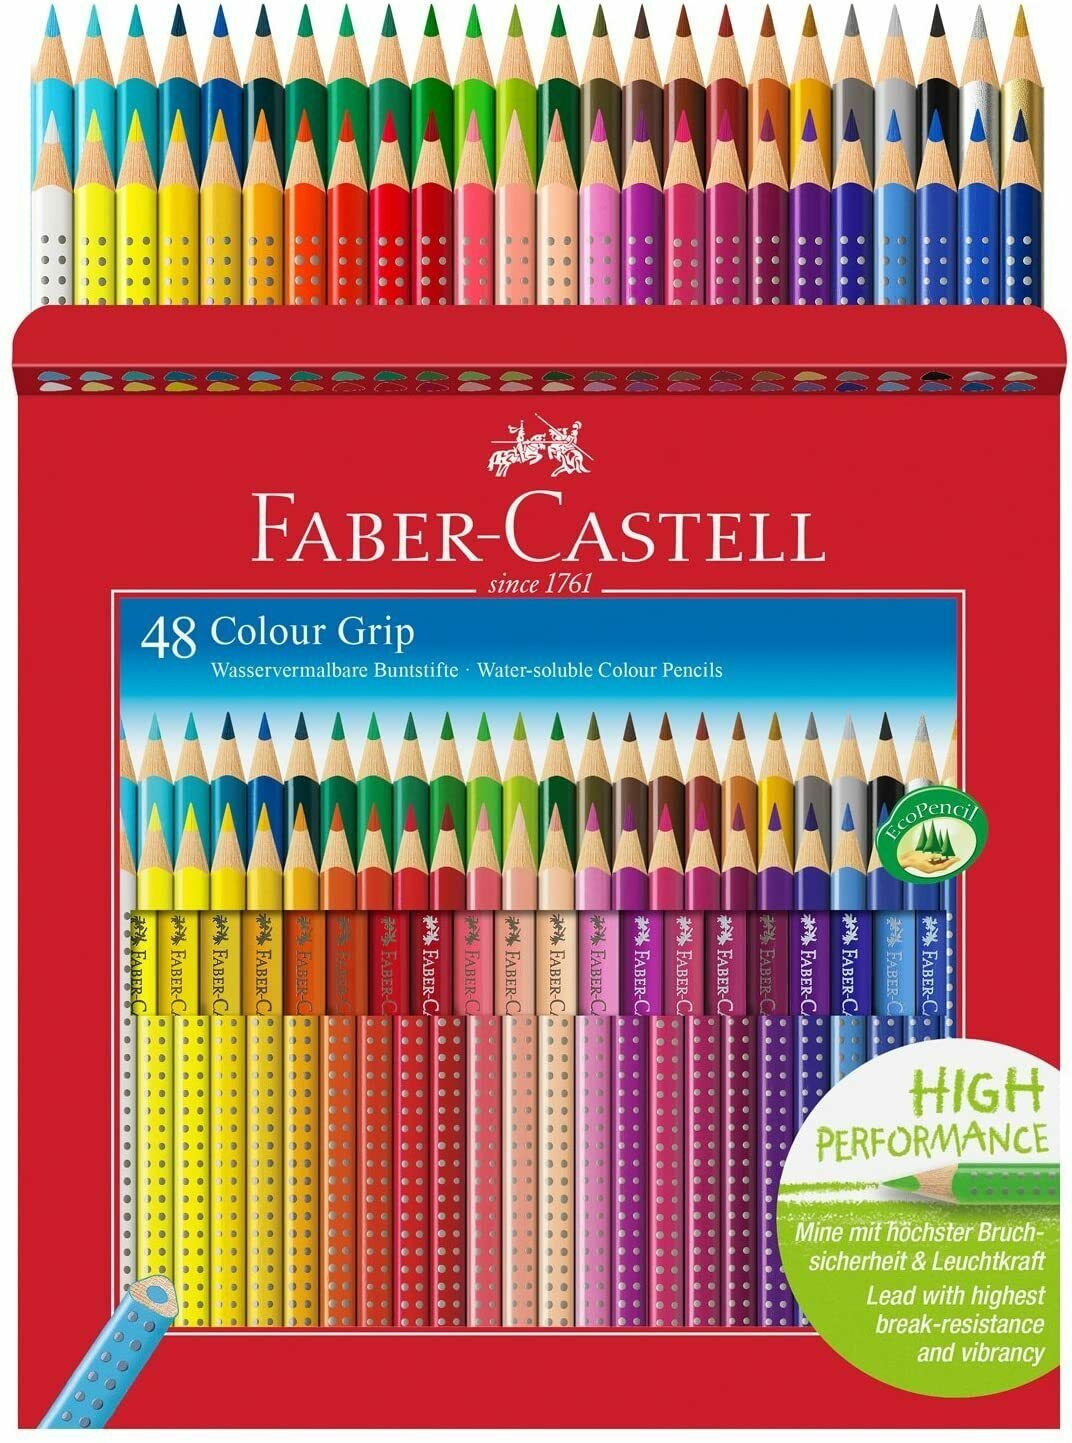 Faber Castell Crayon De Couleur : faber, castell, crayon, couleur, Faber-castell, Couleur, Crayon, 112449, Achetez